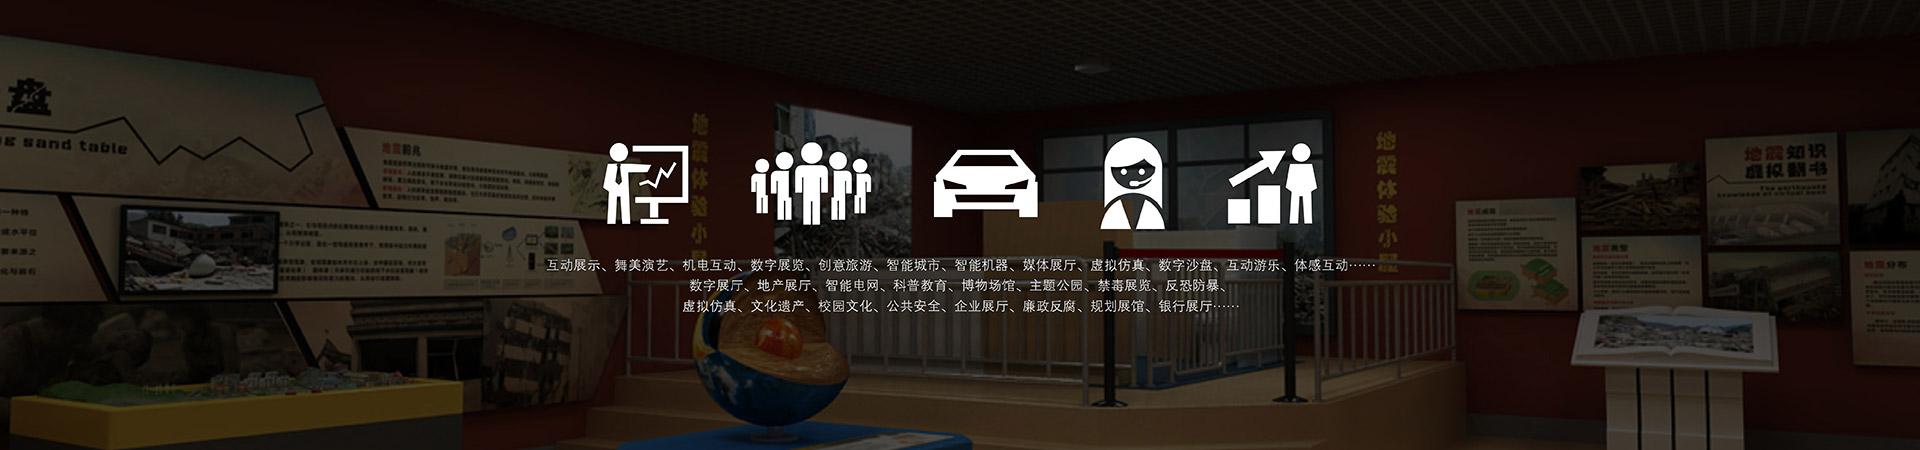 安全体验悬挂式飞行影院,安全体验影视互动脱口秀,安全体验120~360度环幕3D立体展示系统,安全体验360°环幕影院,安全体验仿真复原,安全体验高档休闲体验中心,安全体验城市综合体,安全体验产品演示中心,安全体验5D互动脱口秀,安全体验XD超强虚拟现实,安全体验虚拟4D过山车,安全体验四折幕影院BOX空间影院,安全体验180度沉浸式弧幕影院,安全体验4D动感电影体验馆,安全体验IMAX4D巨幕影院,安全体验32座4D动感影院,安全体验300座动感影院,安全体验大屏幕拼接,安全体验展厅智能控制系统智能中央控制,安全体验球幕悬浮影院,科技展览